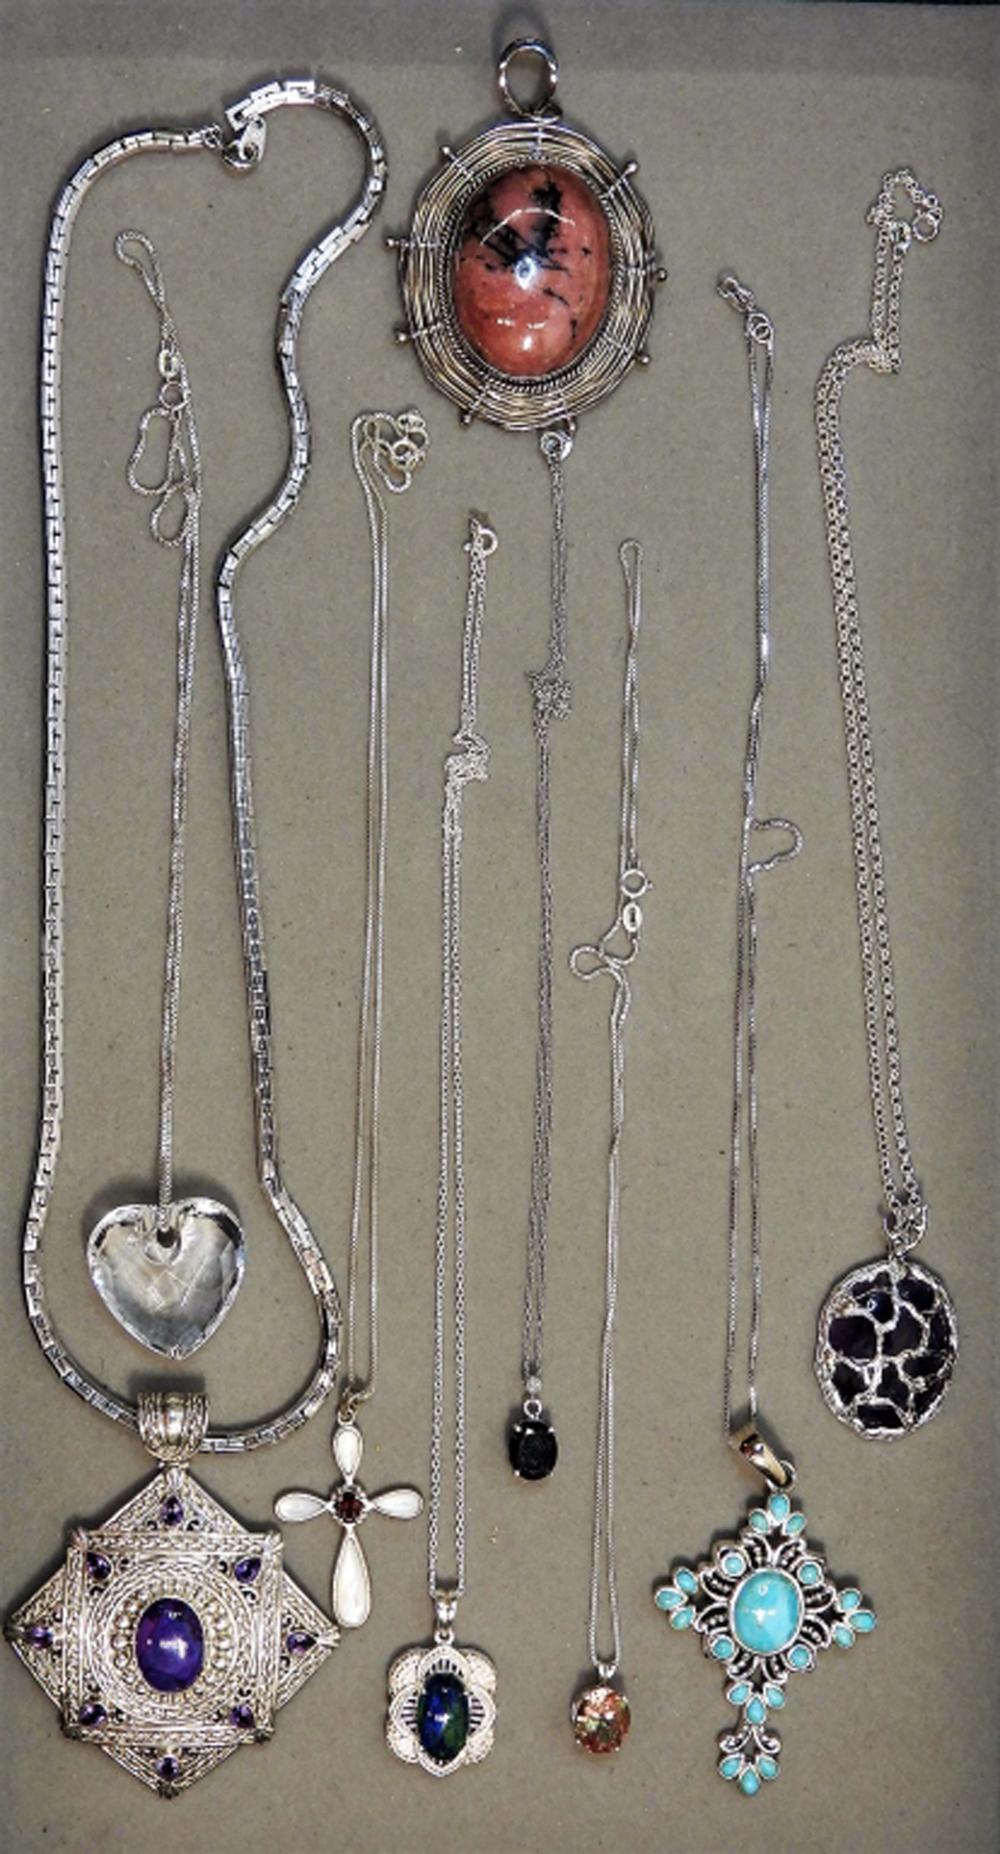 9PC Sterling Silver Semi & Precious Stone Jewelry